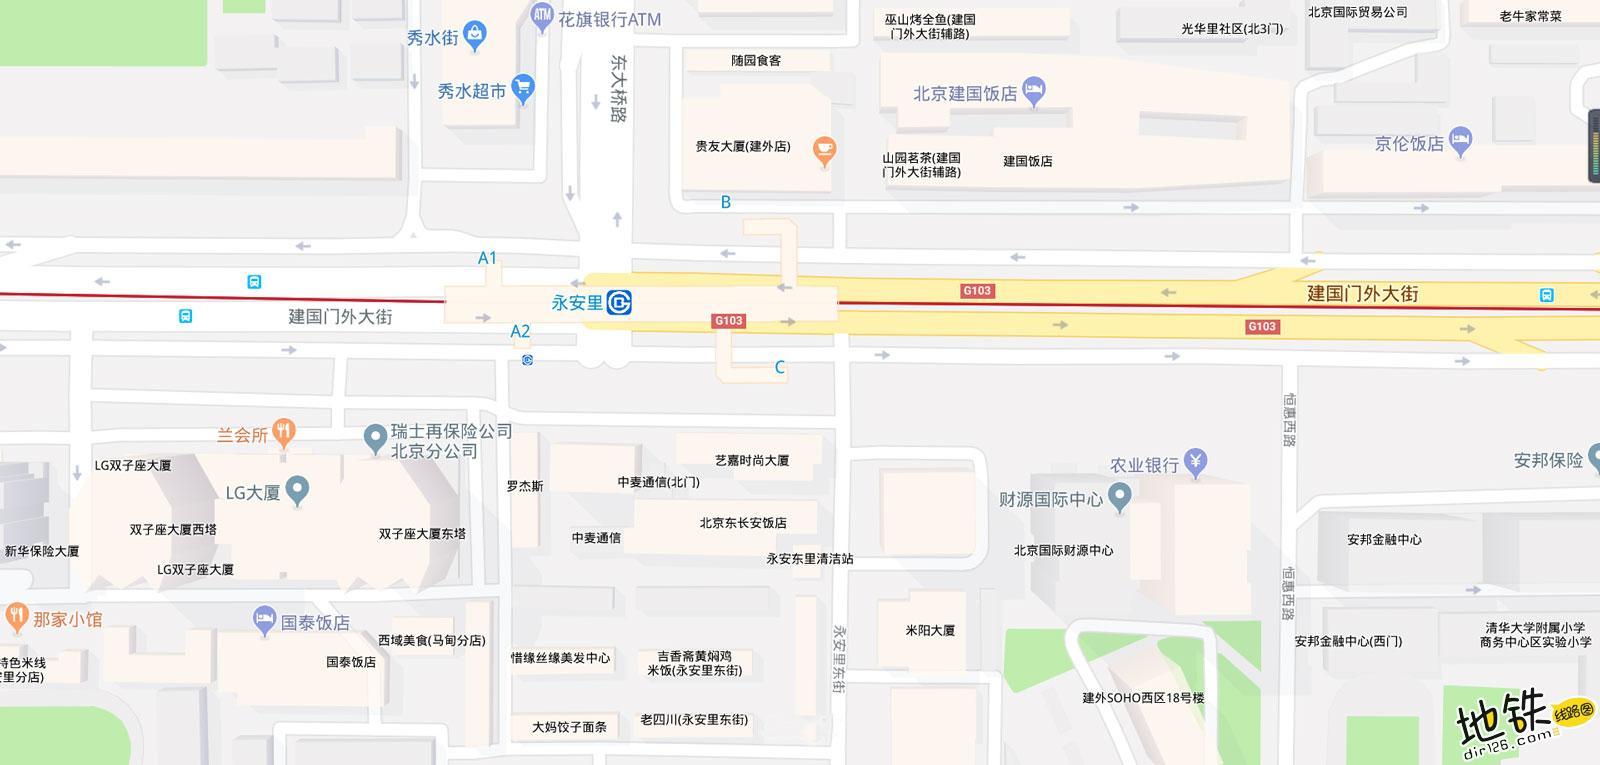 永安里地铁站 北京地铁永安里站出入口 地图信息查询  北京地铁站  第2张